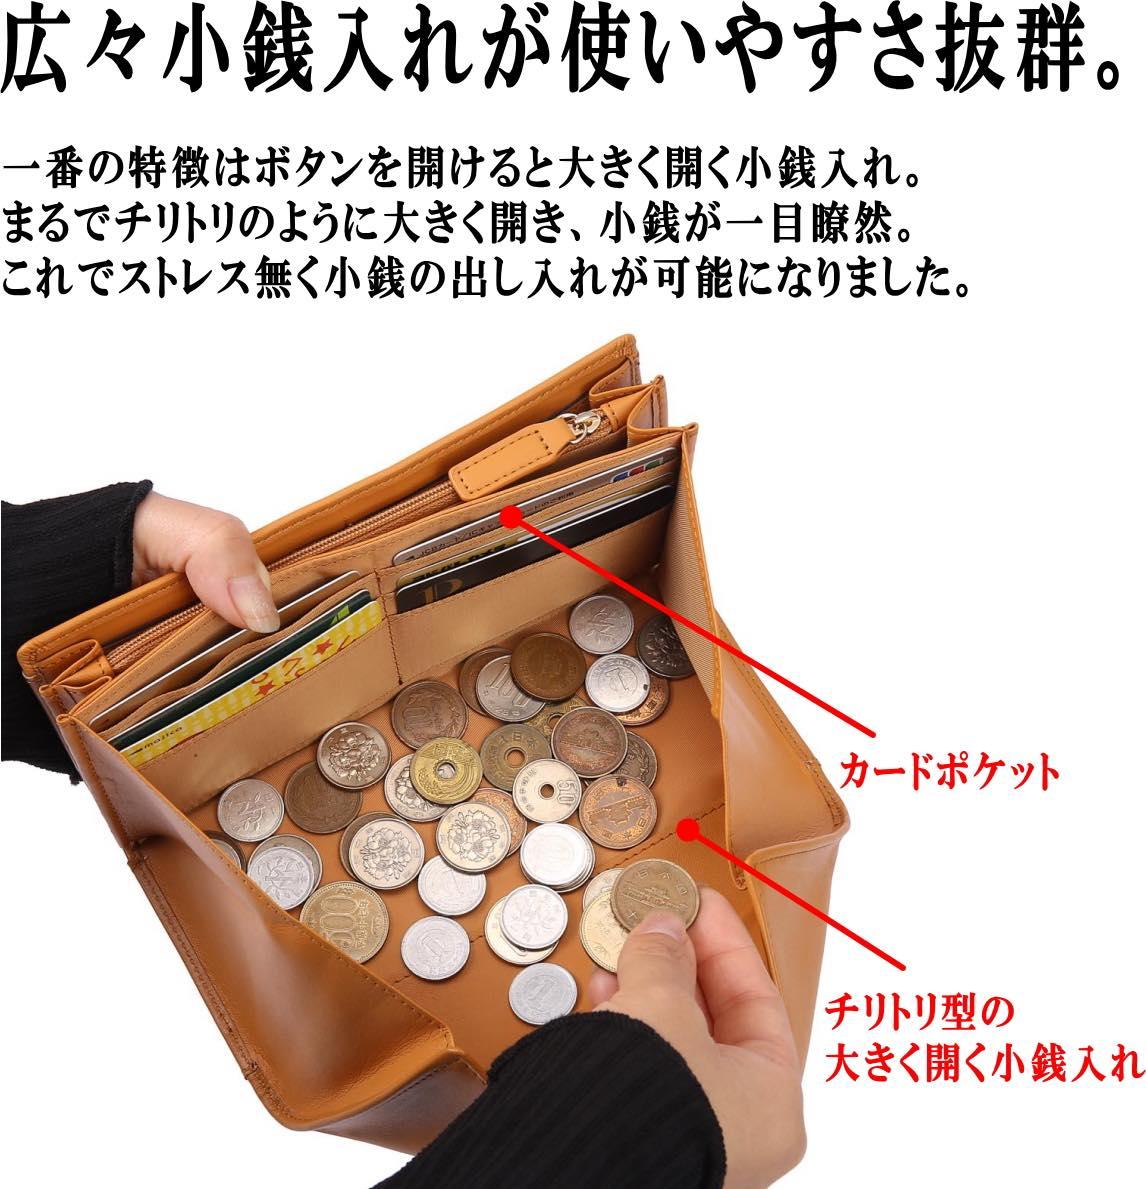 大容量で使いやすいにこだわりの長財布。